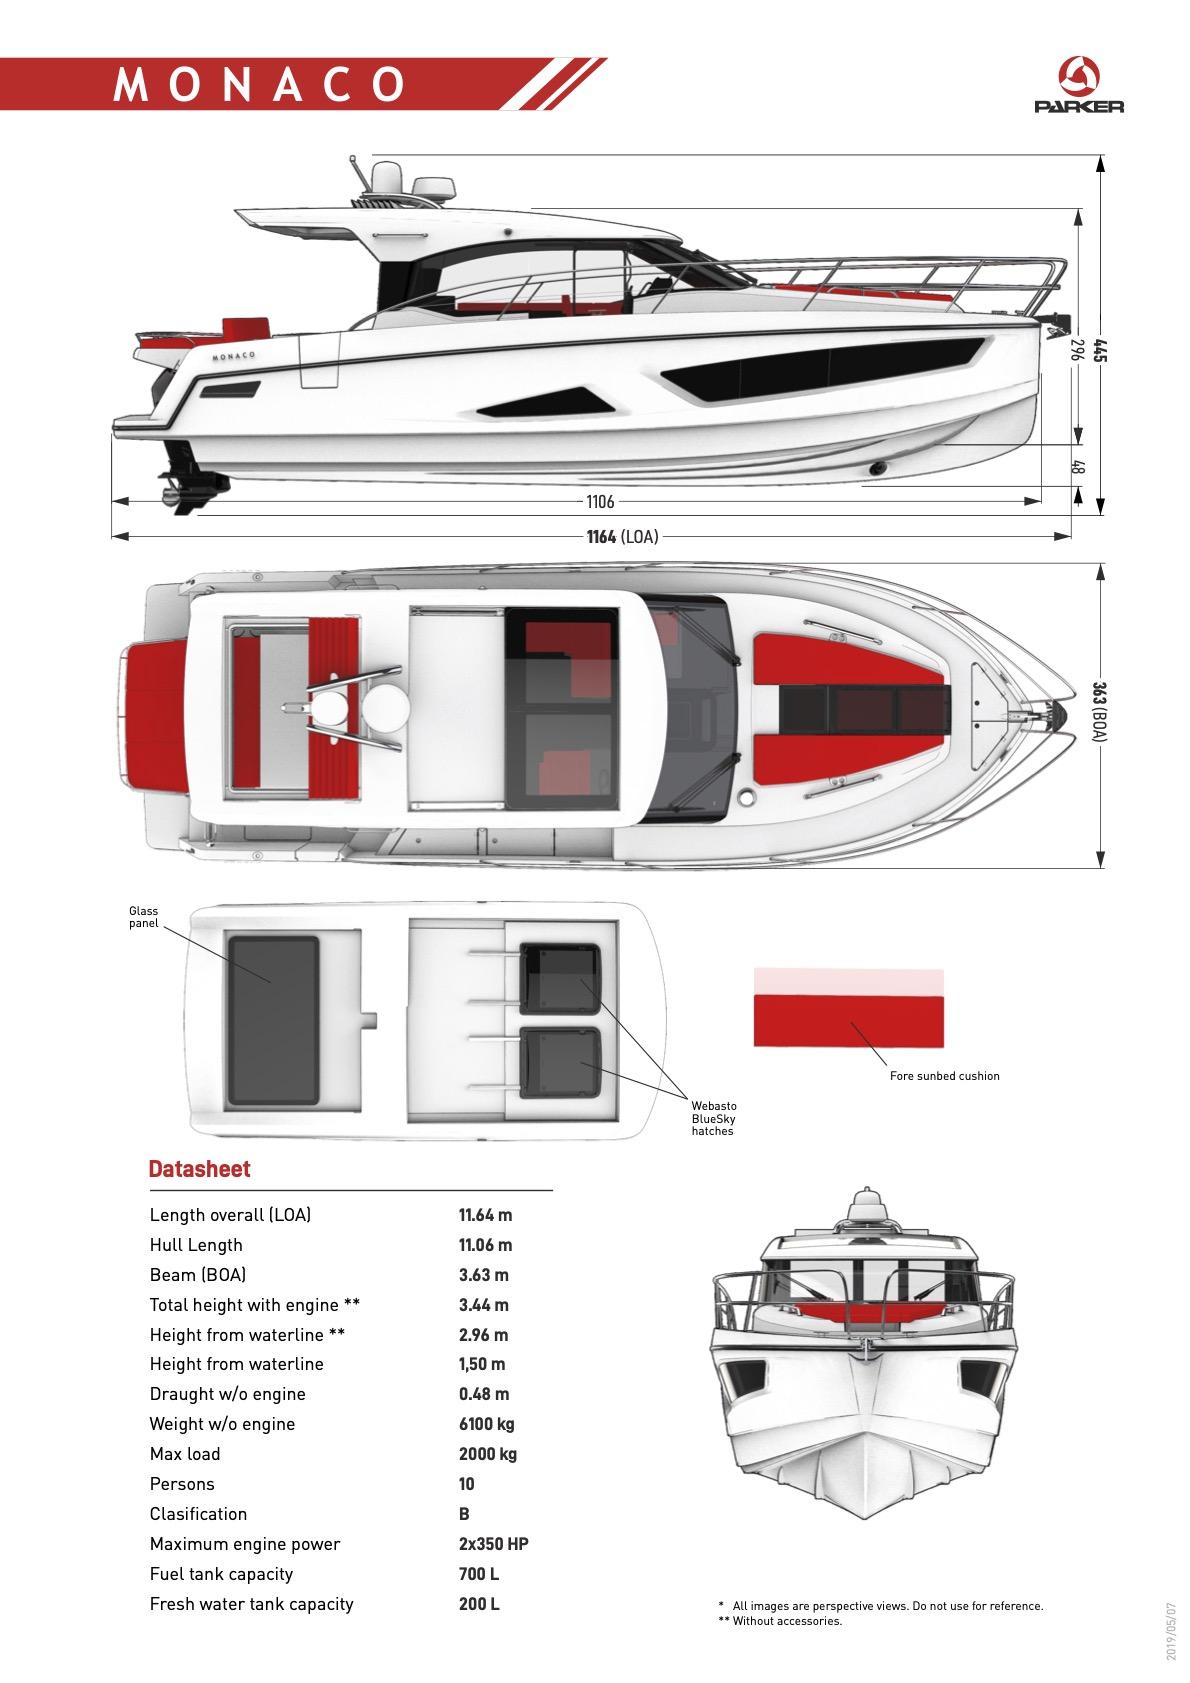 Parker Monaco 110 plan de pont exterieur